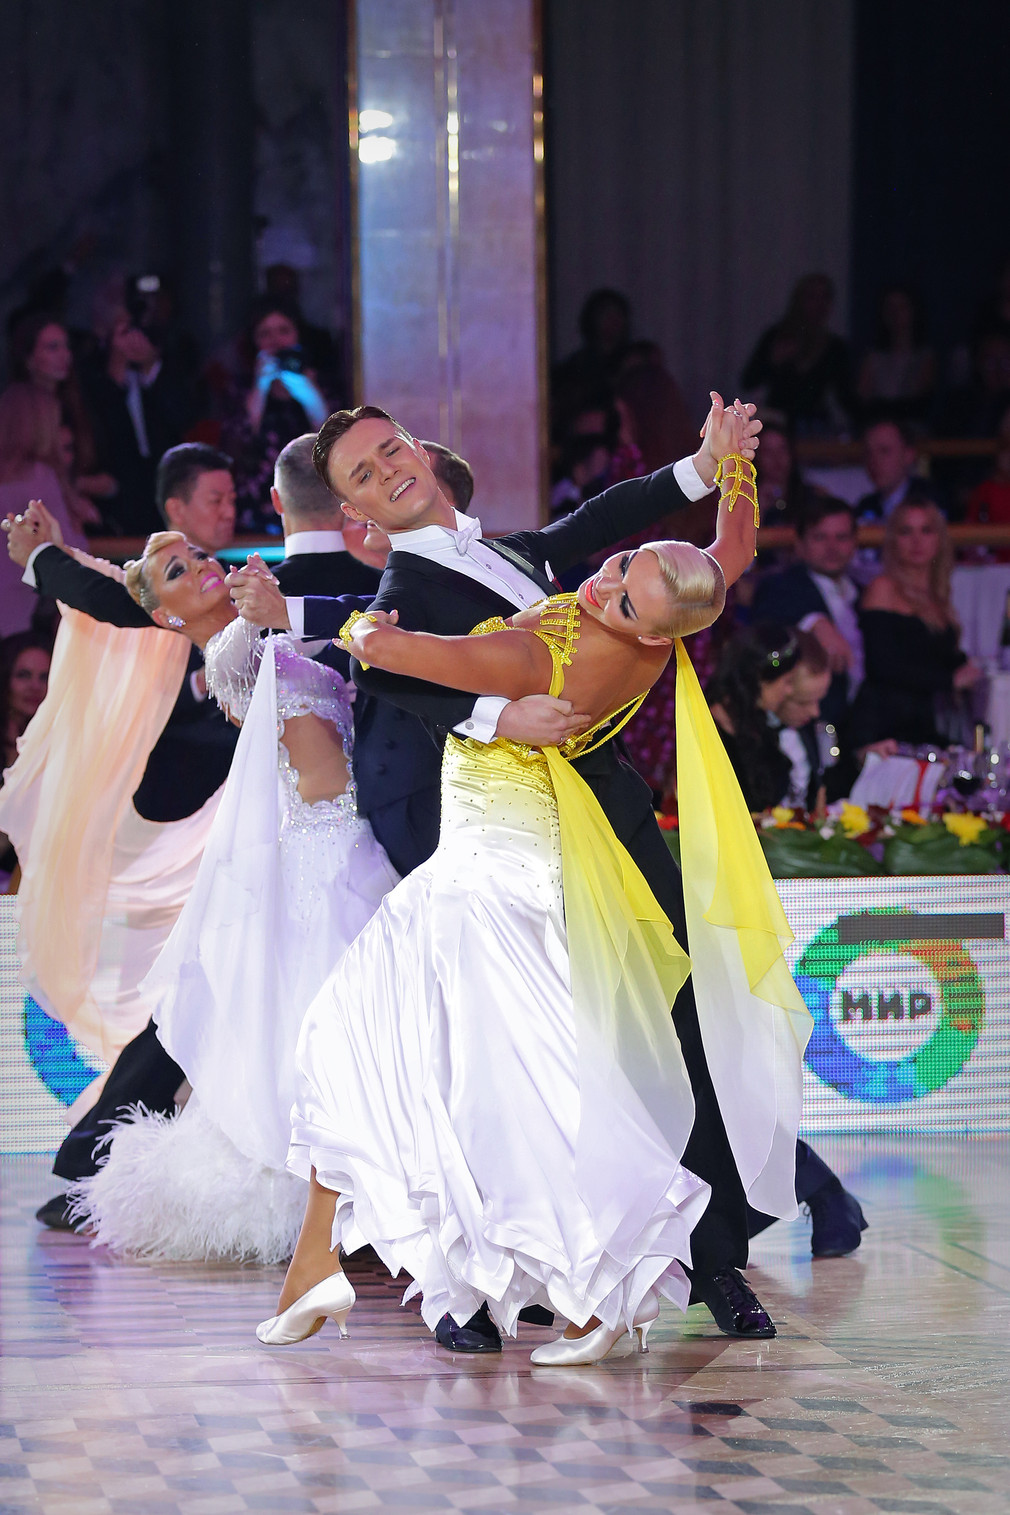 Станислав Попов: «Проведение Чемпионатов мира в Москве очень важно для популяризации европейских тан